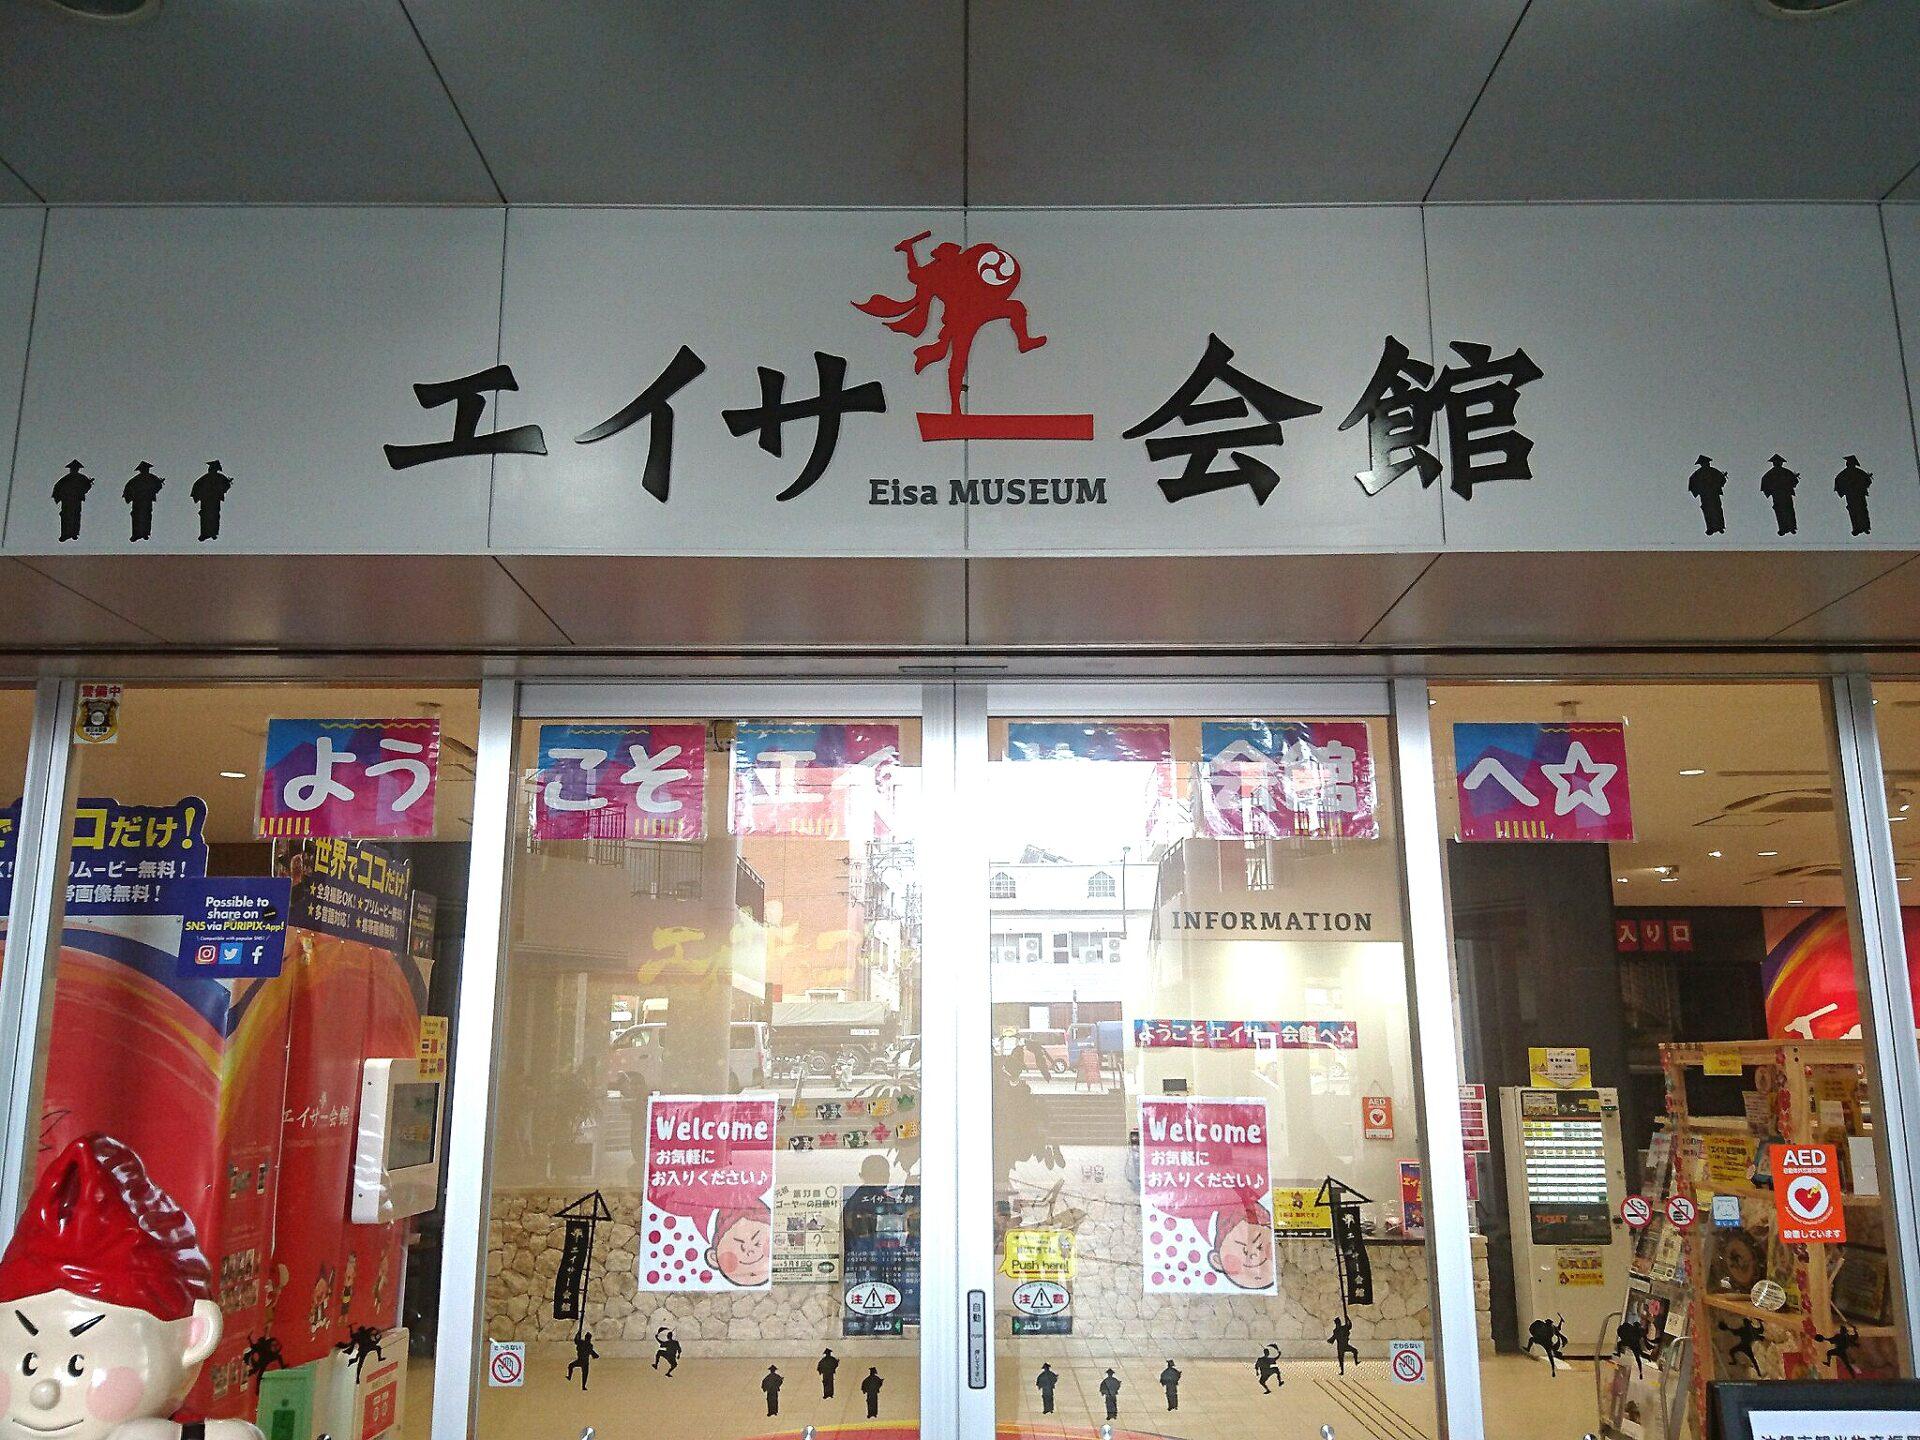 沖縄市上地コザミュージックタウン内エイサー会館